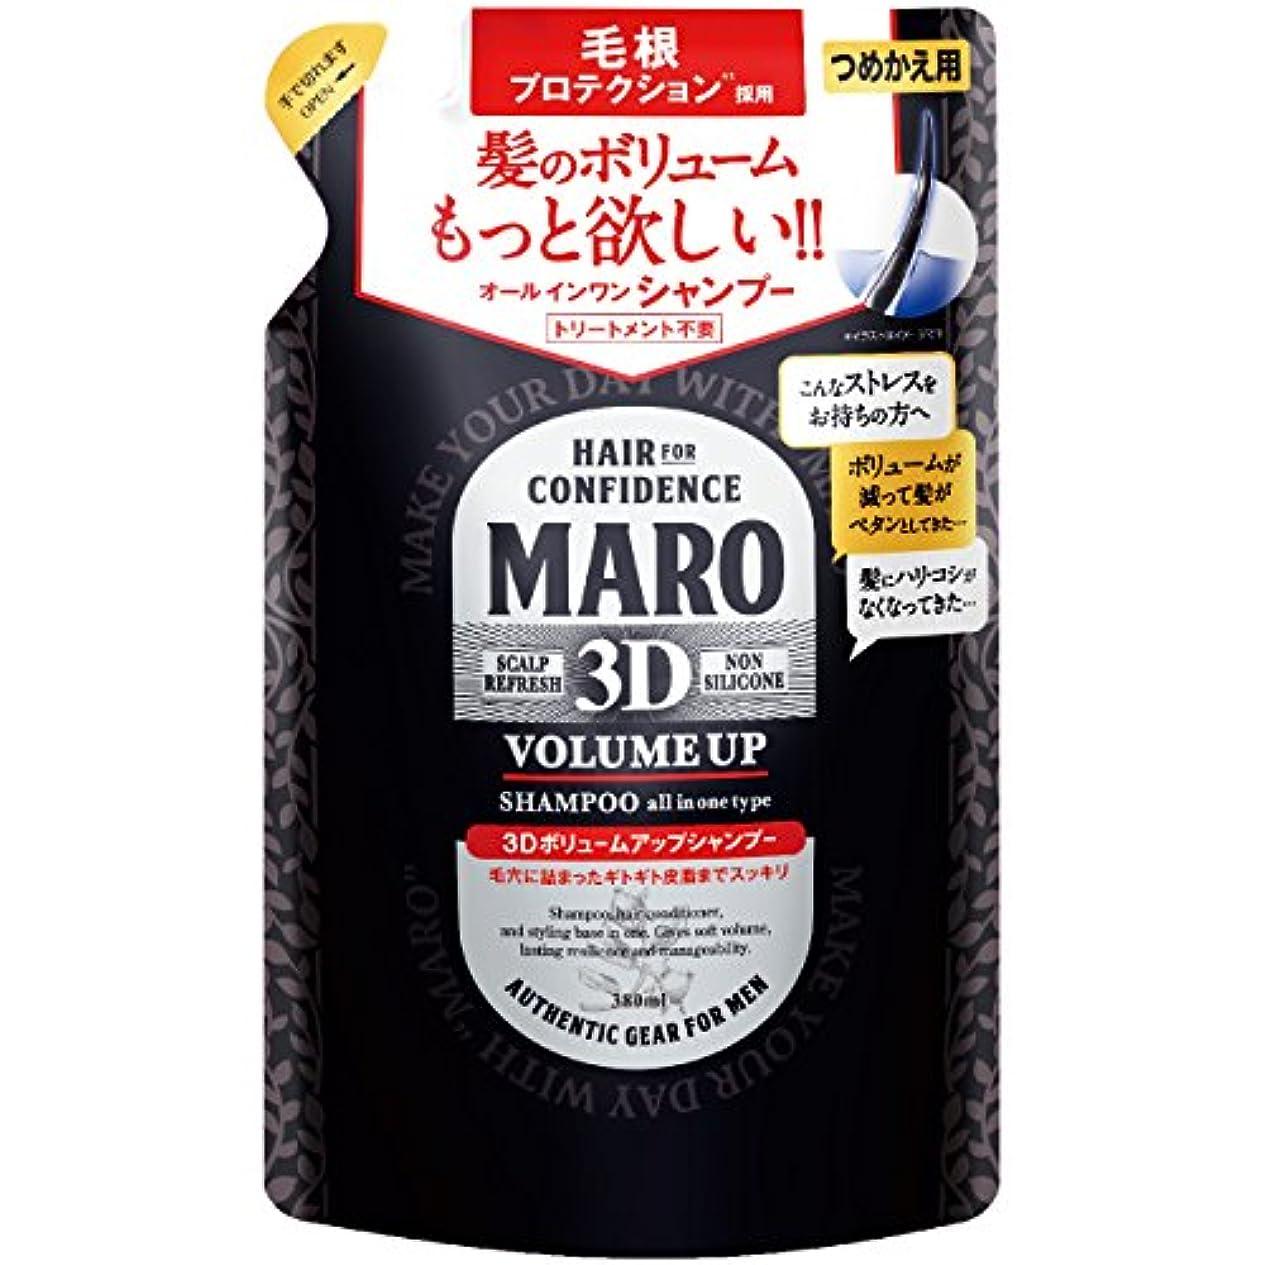 キャロラインアナリスト郵便屋さんMARO 3Dボリュームアップ シャンプー EX 詰め替え 380ml